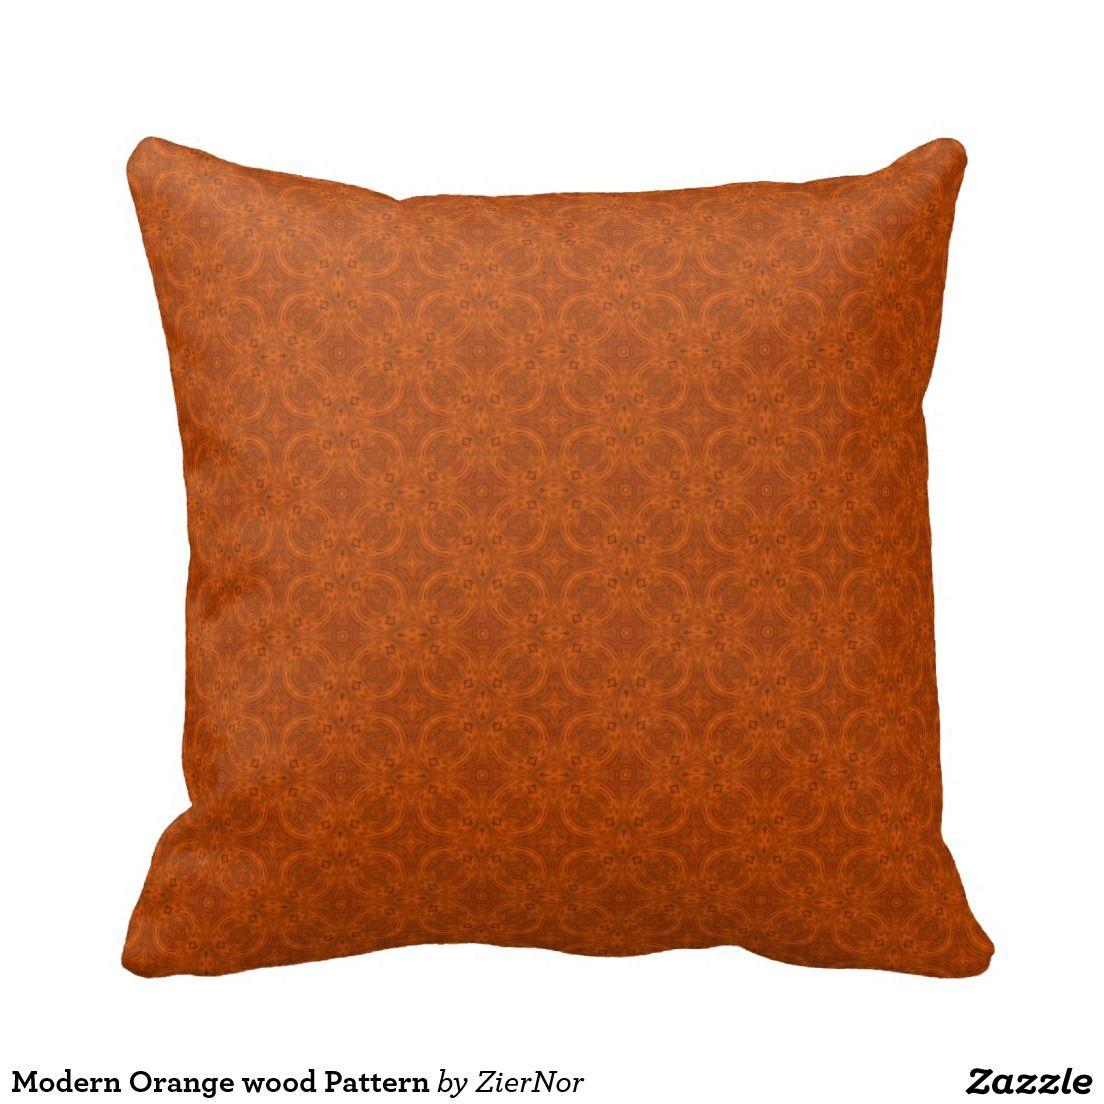 Modern Orange wood Pattern Pillows